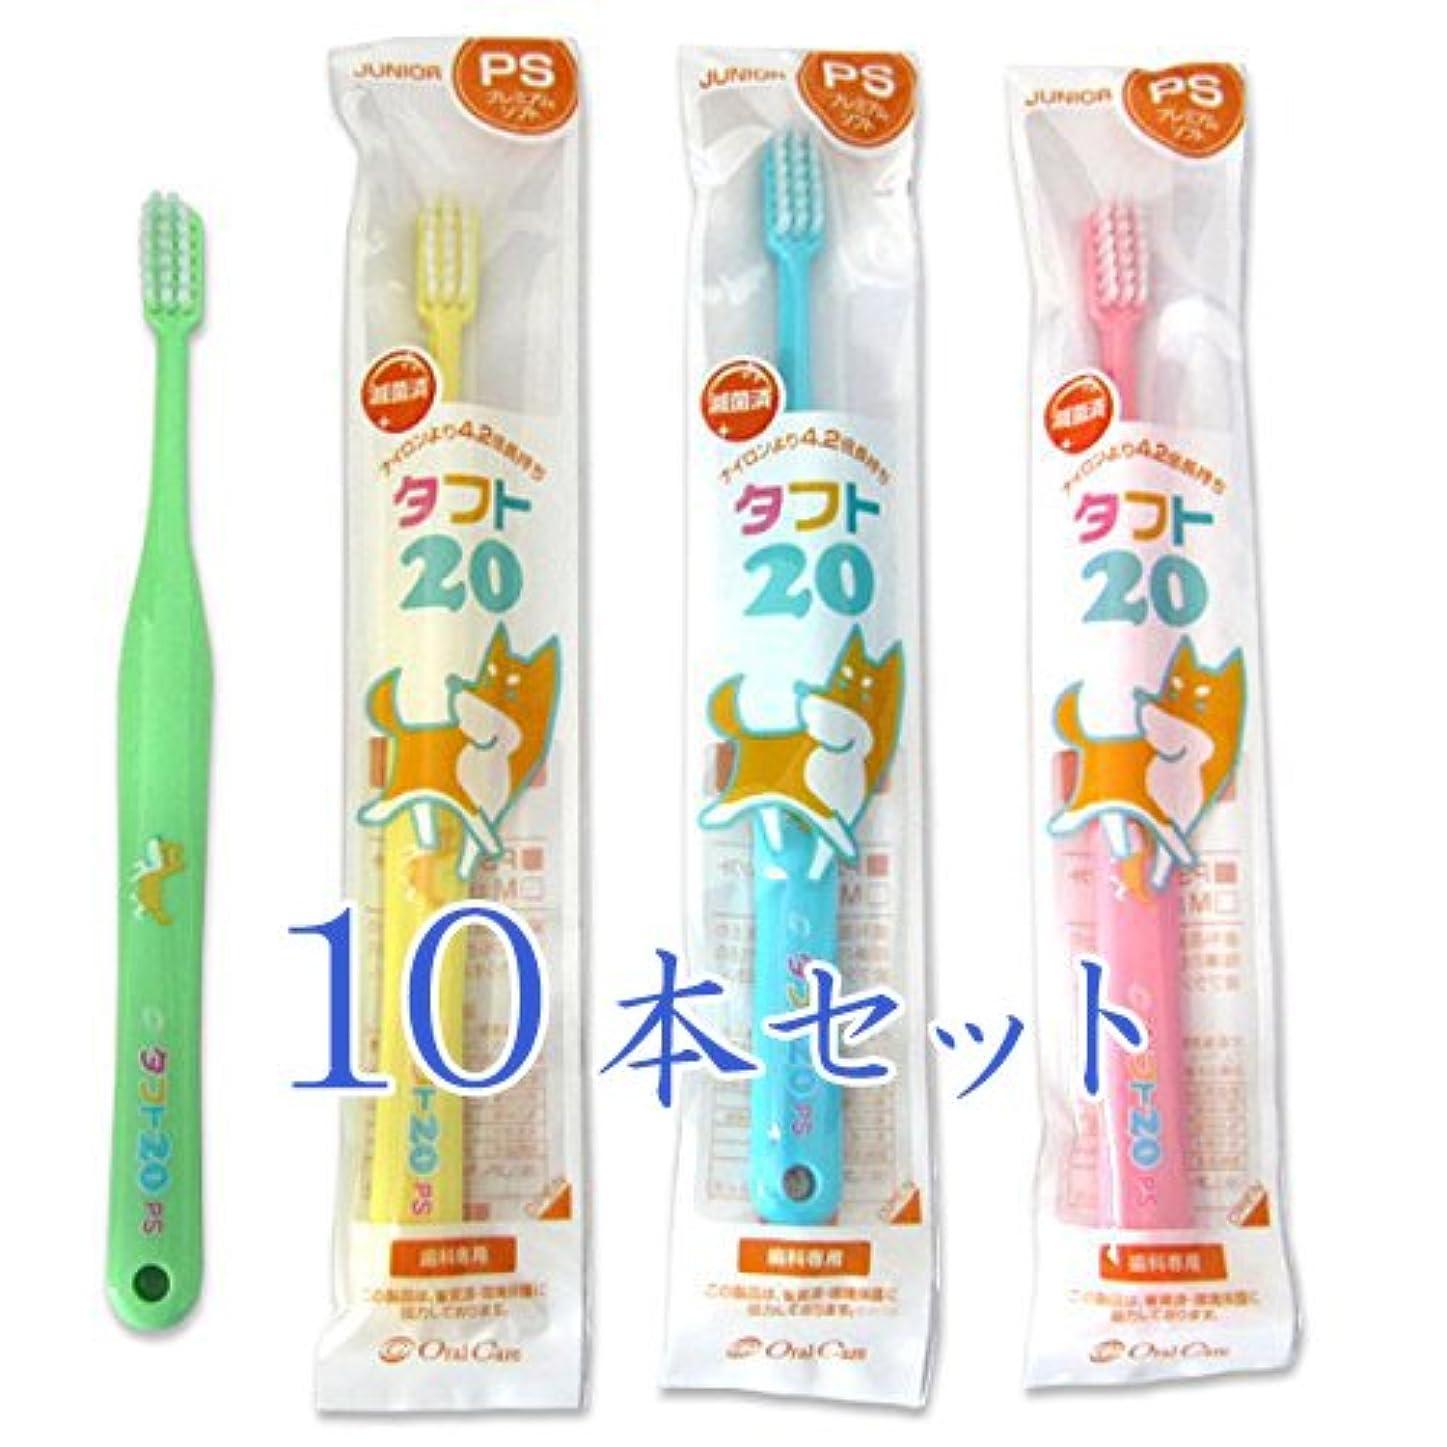 保持掃くアミューズタフト20 PS プレミアムソフト 歯ブラシ混合歯列期用(6~12歳)×10本セット